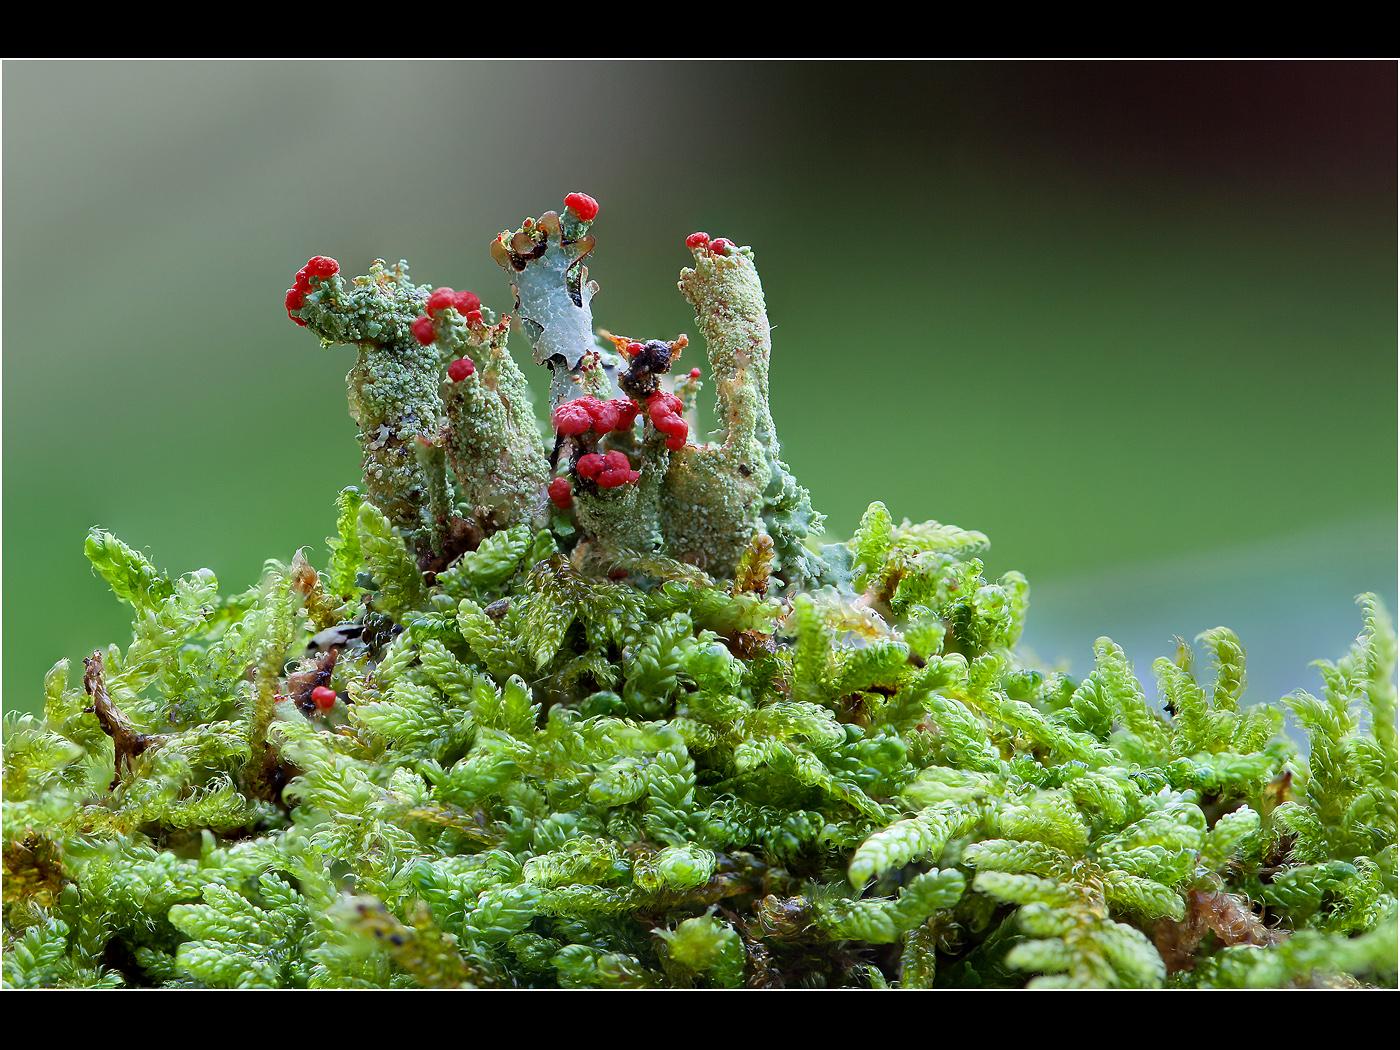 Cladonia Lichen in Flower